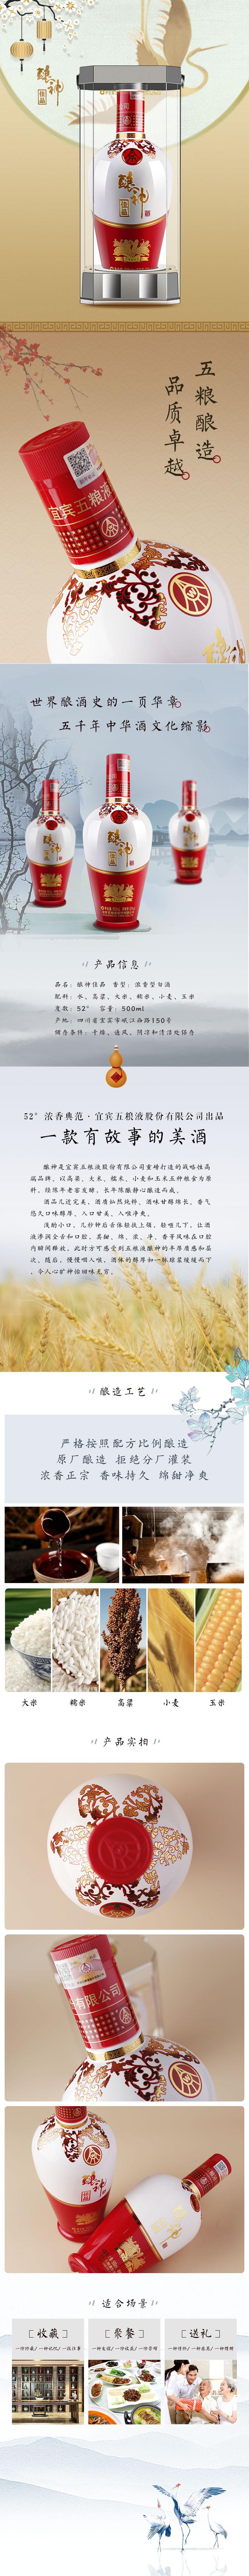 釀神佳品-詳情頁